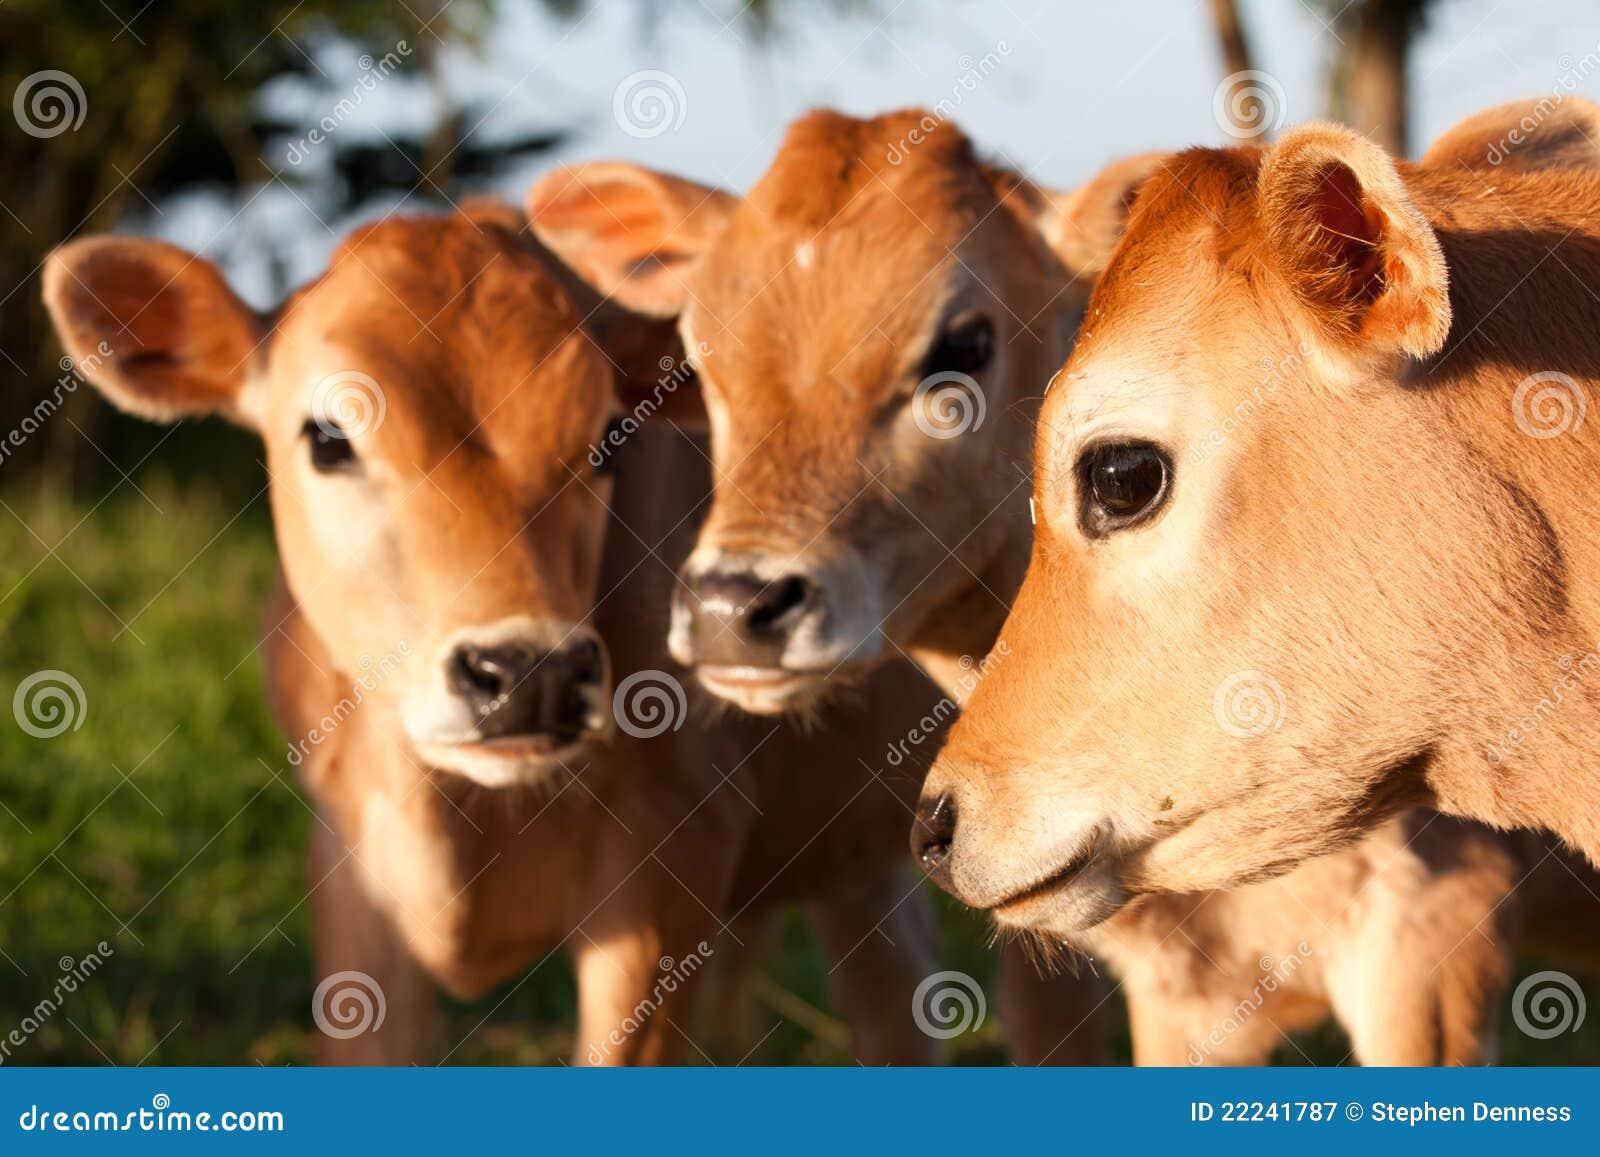 Three cute farm cow calves standing